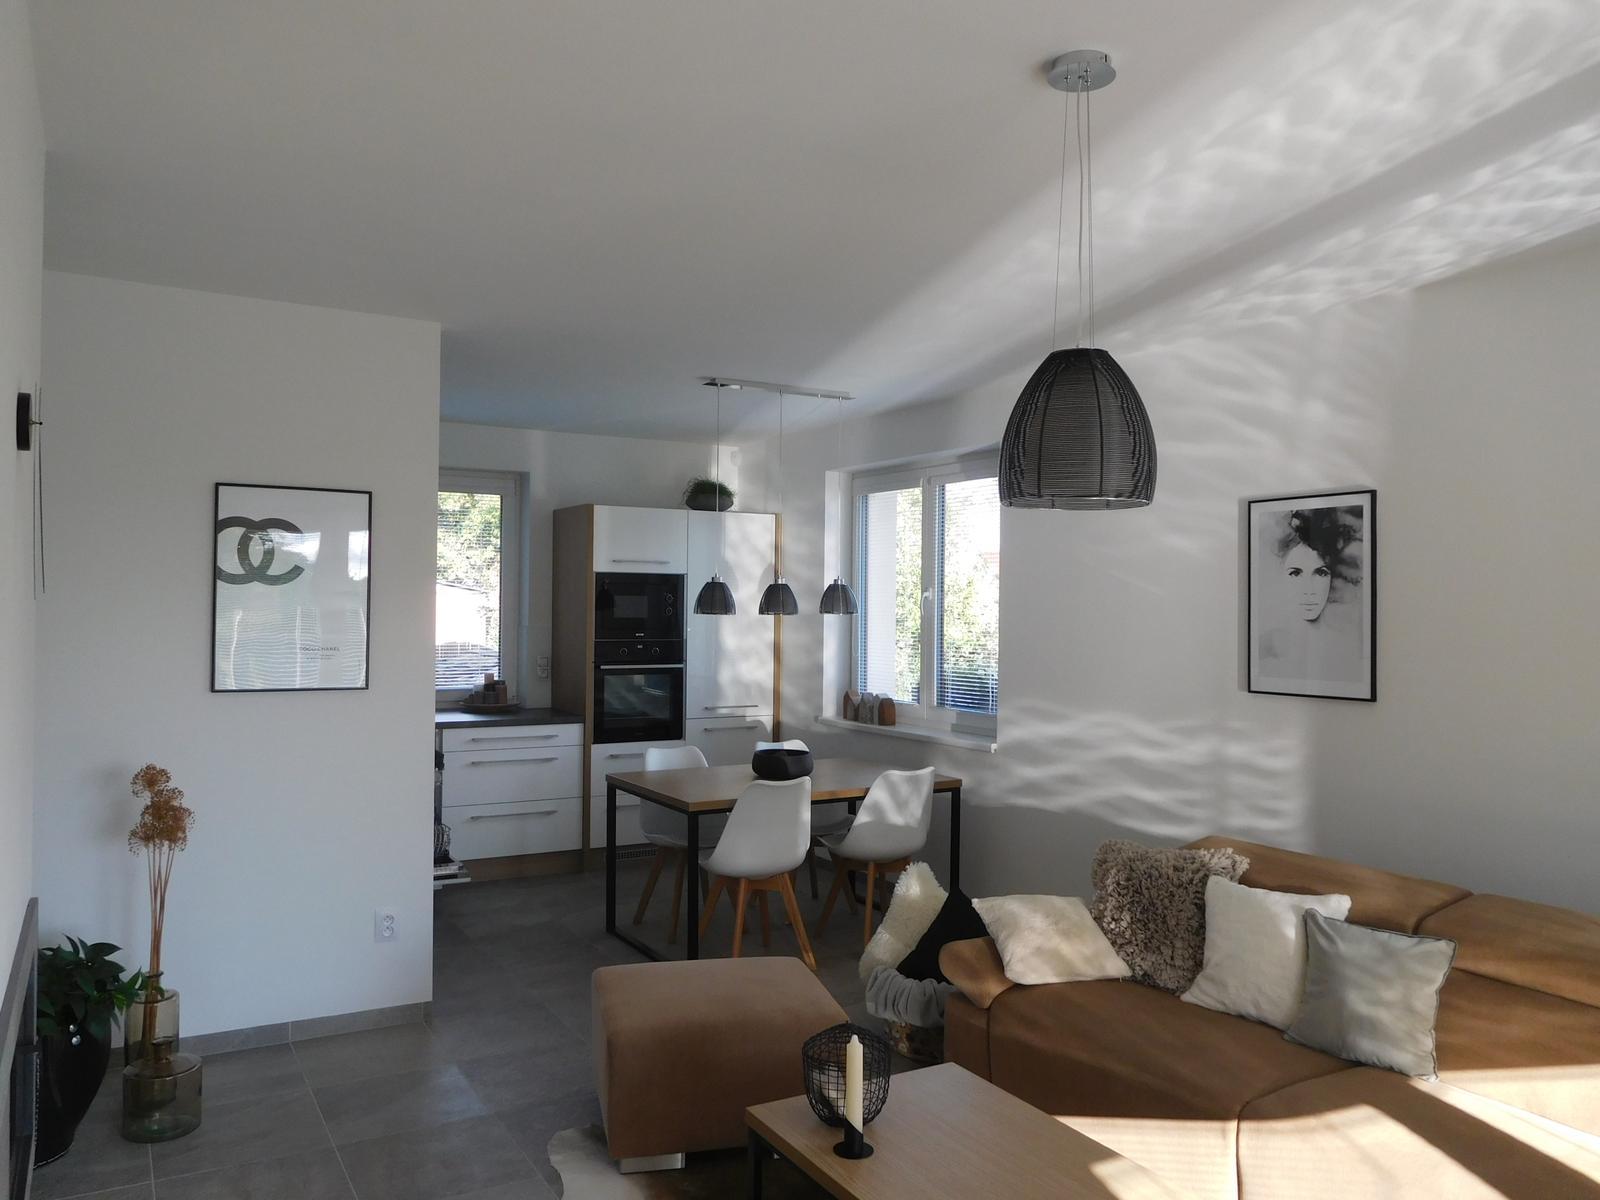 Náš nový domov - Budiž světlo!!!